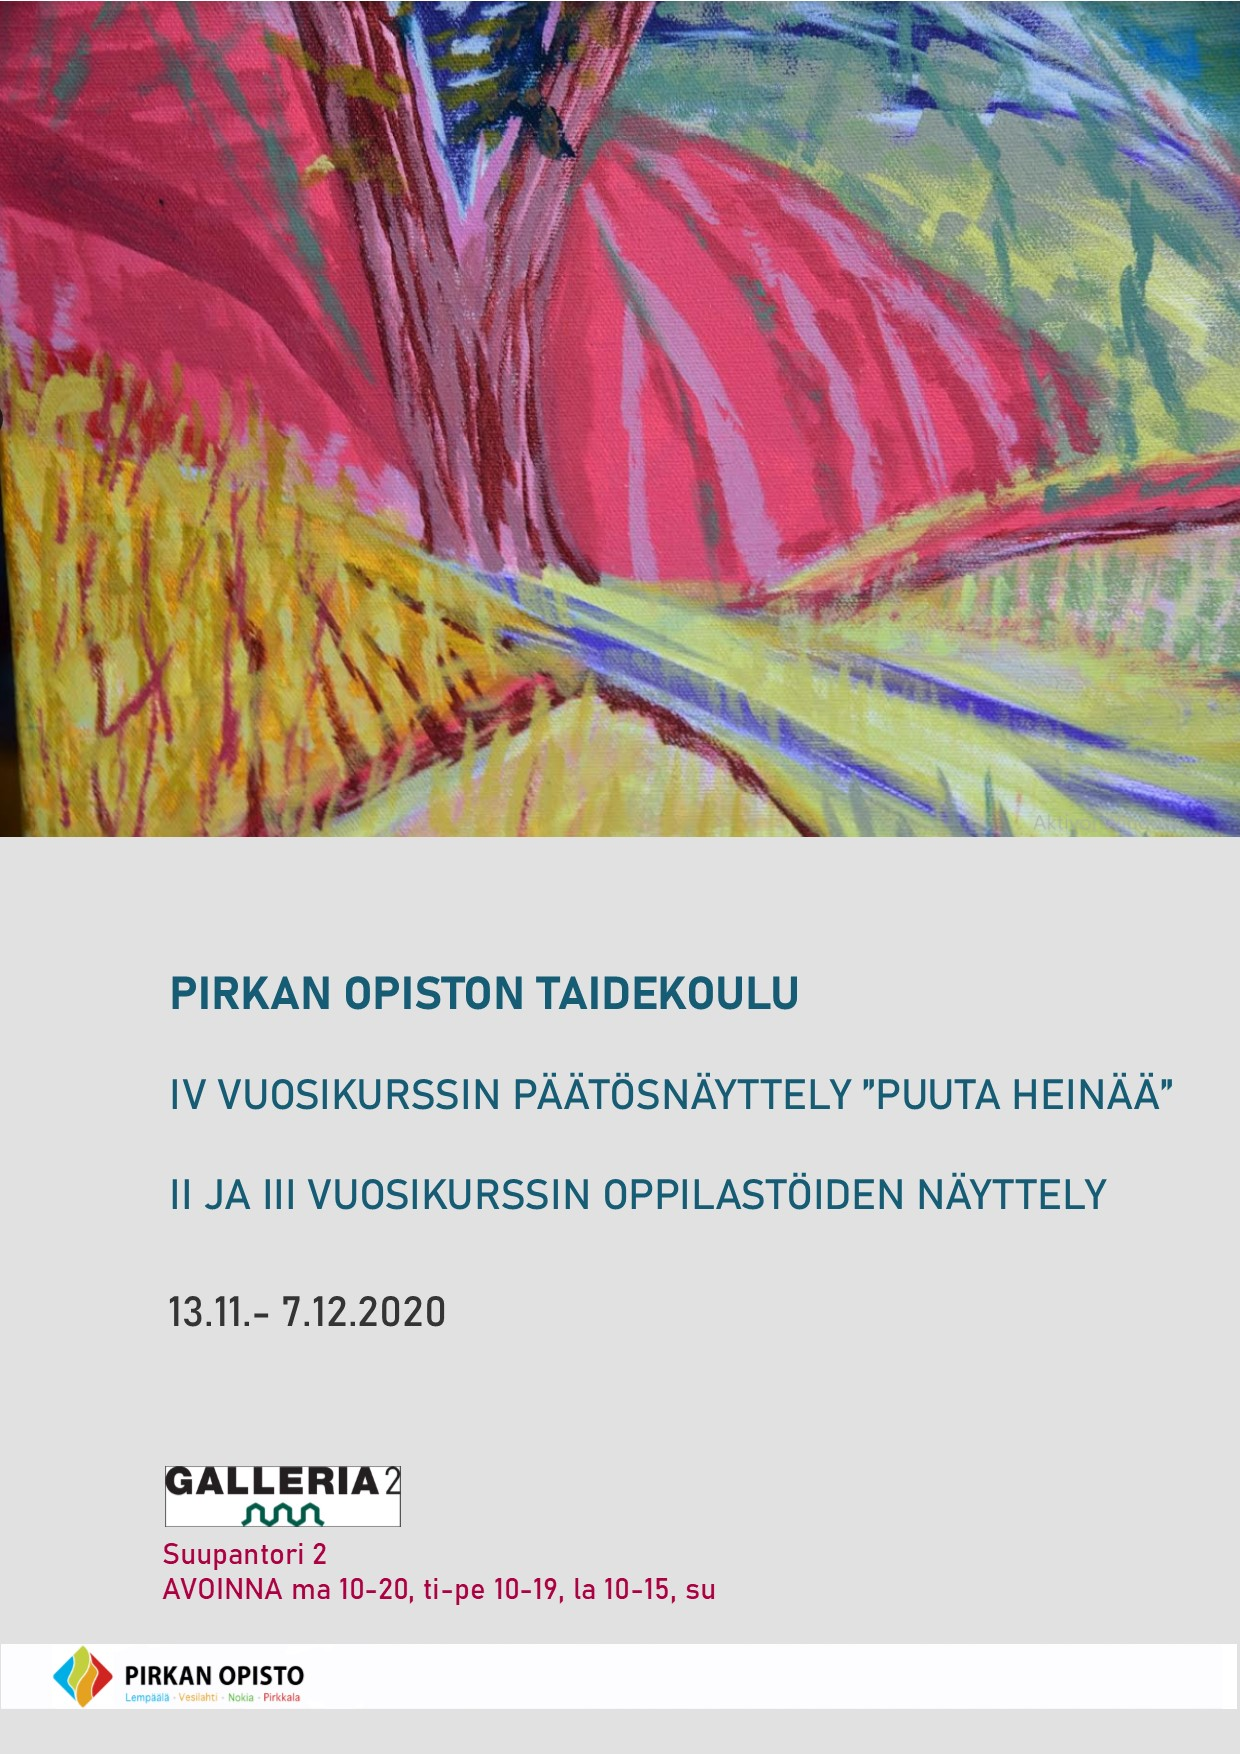 Juliste: Kuvataidekoulun näyttely syksy 2020 Pirkkala. Tieto löytyy tekstistä.